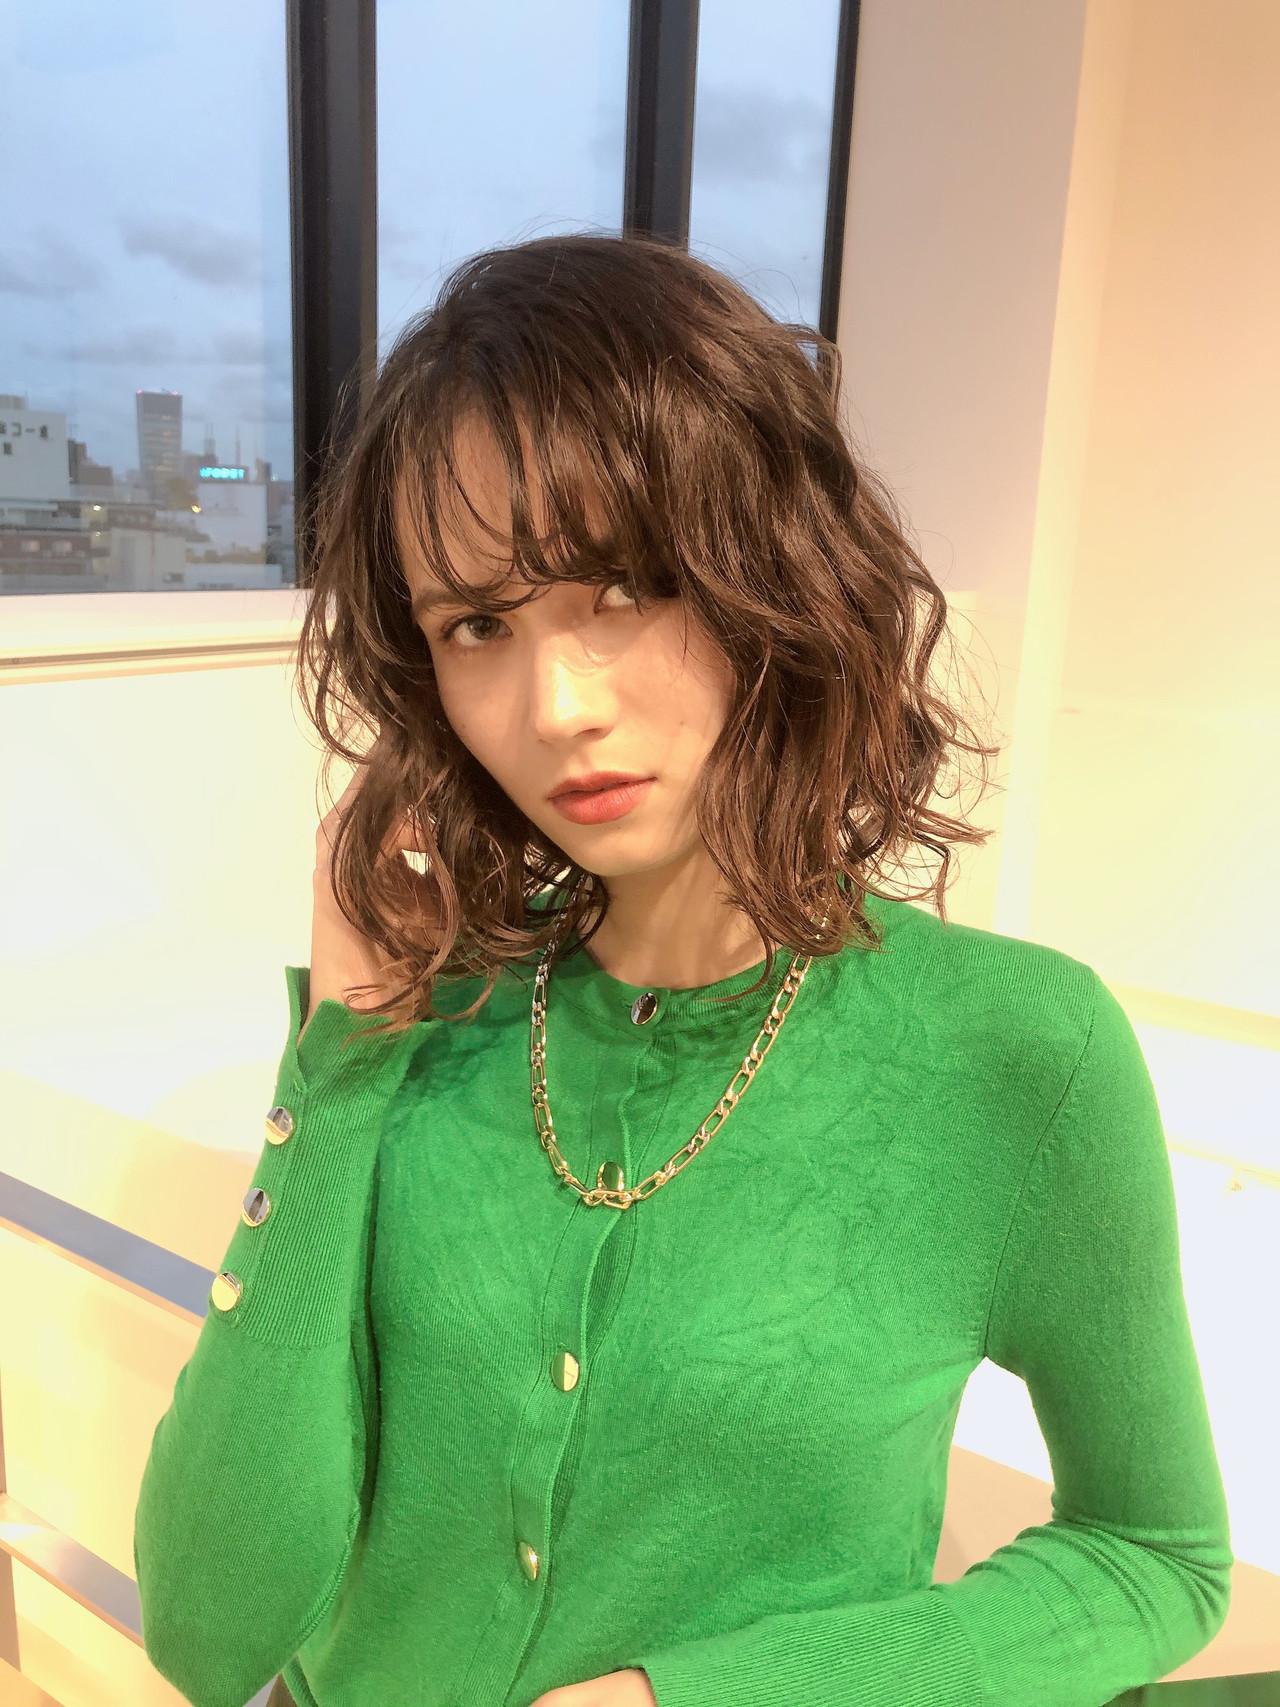 ボブ モード ファッション デジタルパーマ ヘアスタイルや髪型の写真・画像